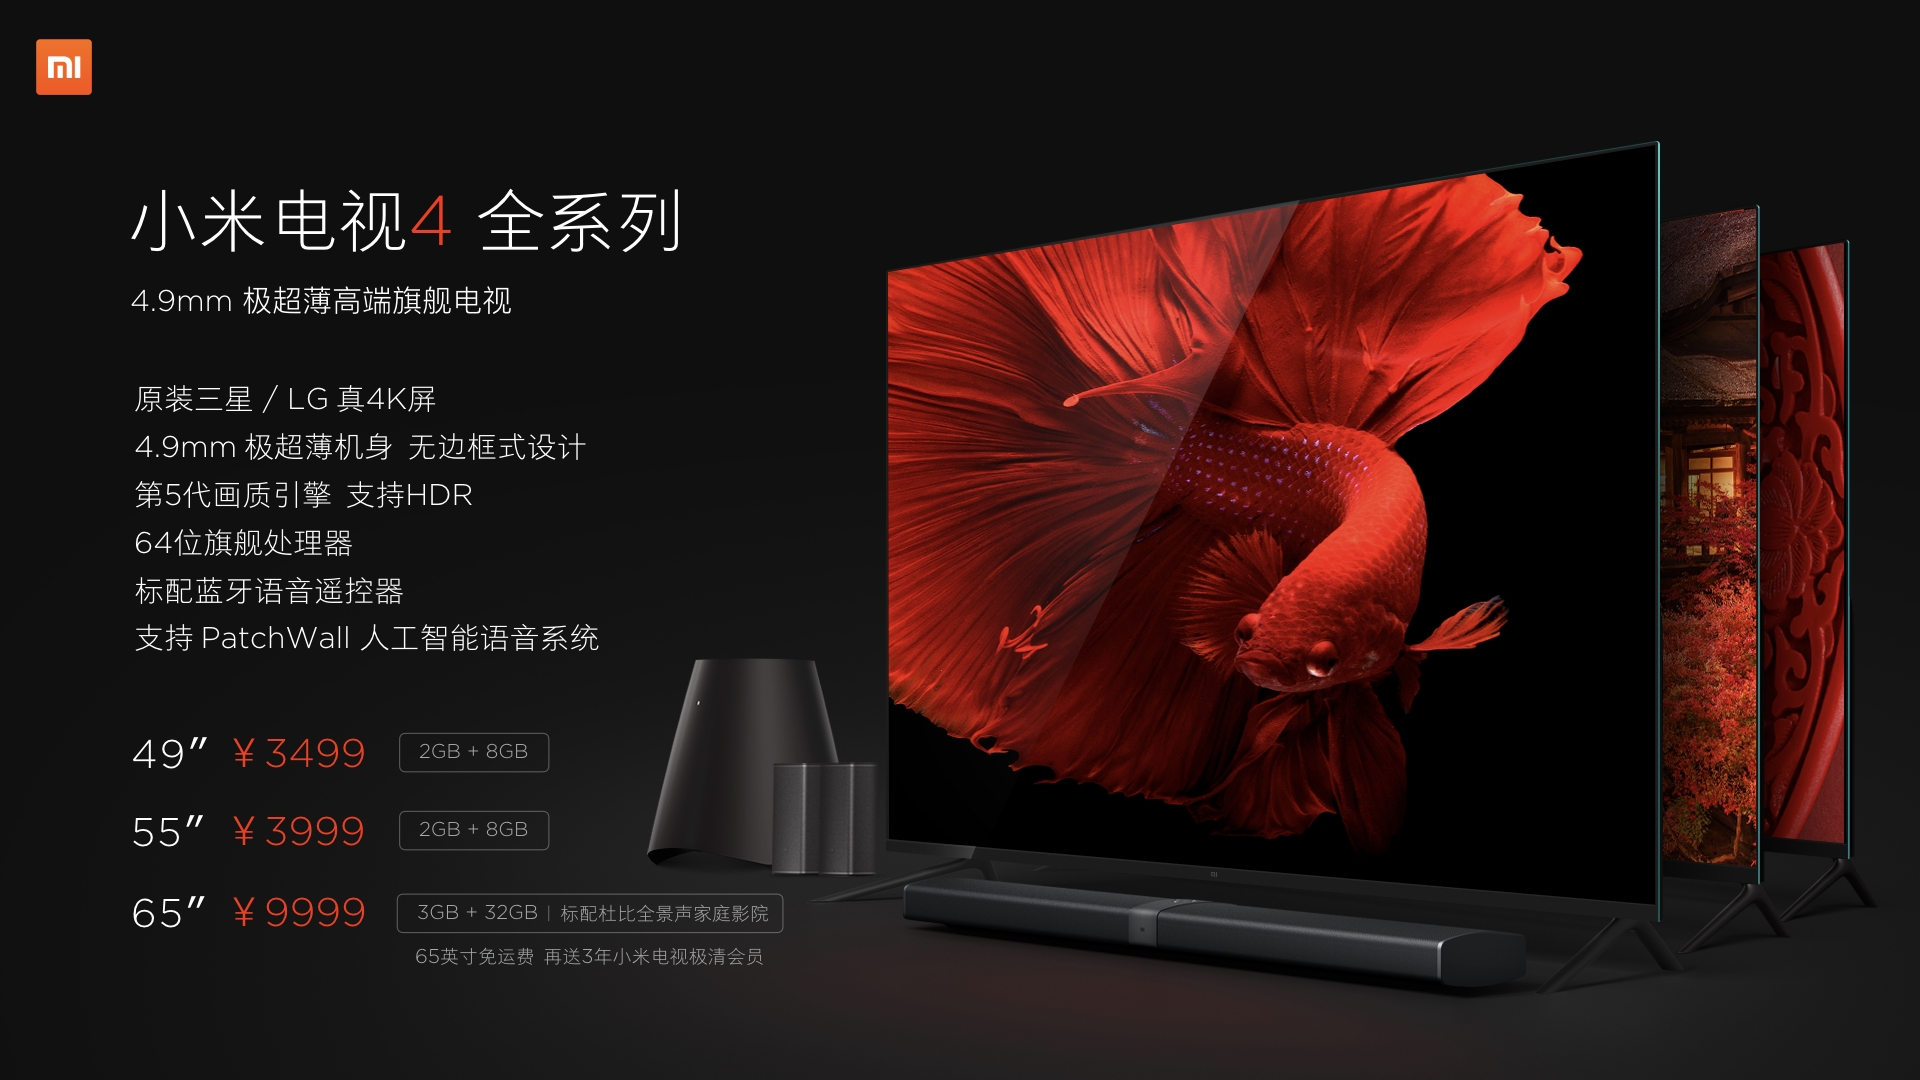 小米电视4杜比影院版65英寸首发:13扬声器/ 9999元